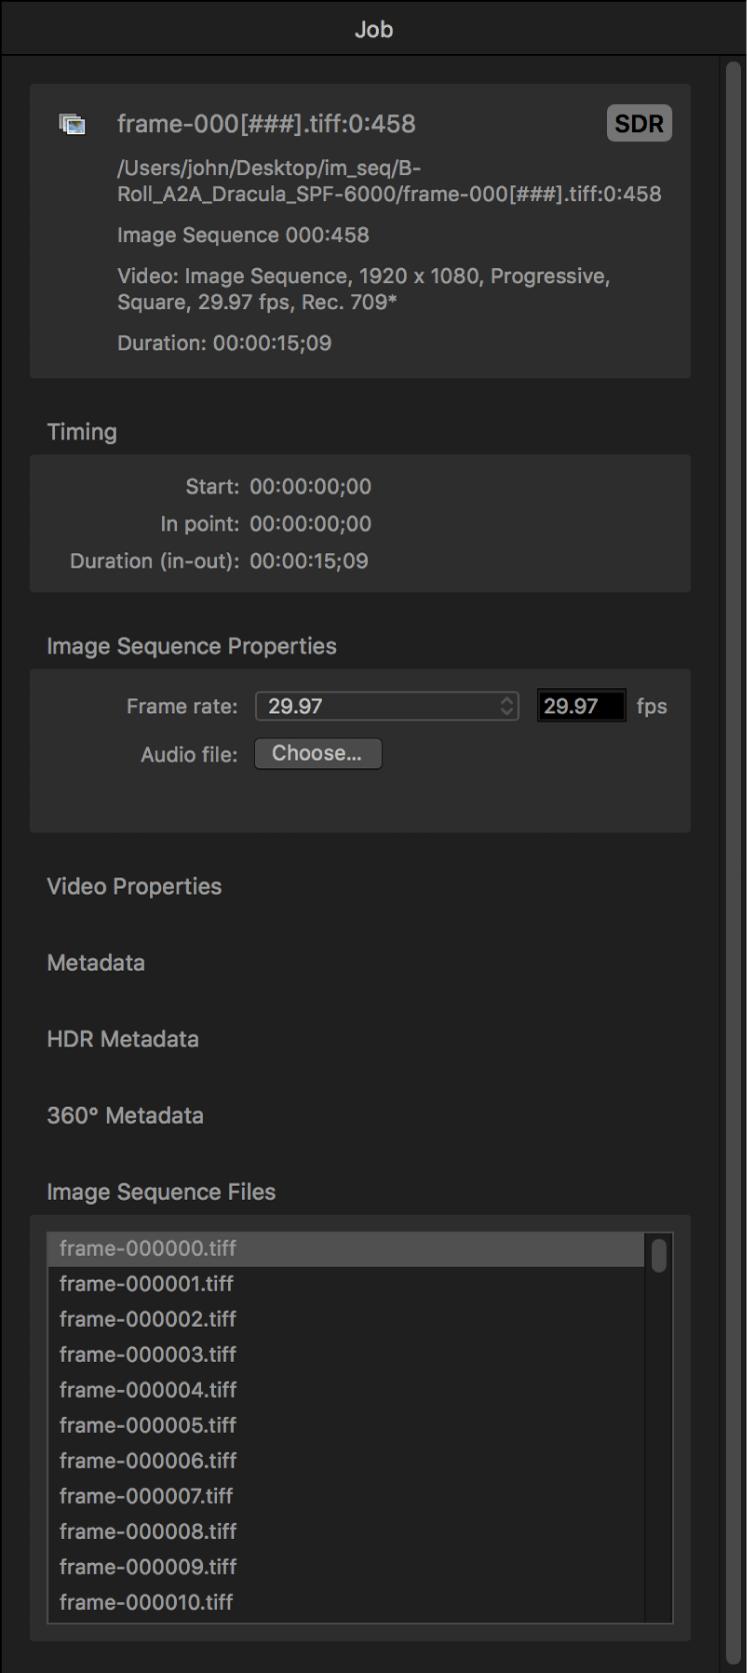 Inspector de tareas en el que se muestran las propiedades de la secuencia de imágenes